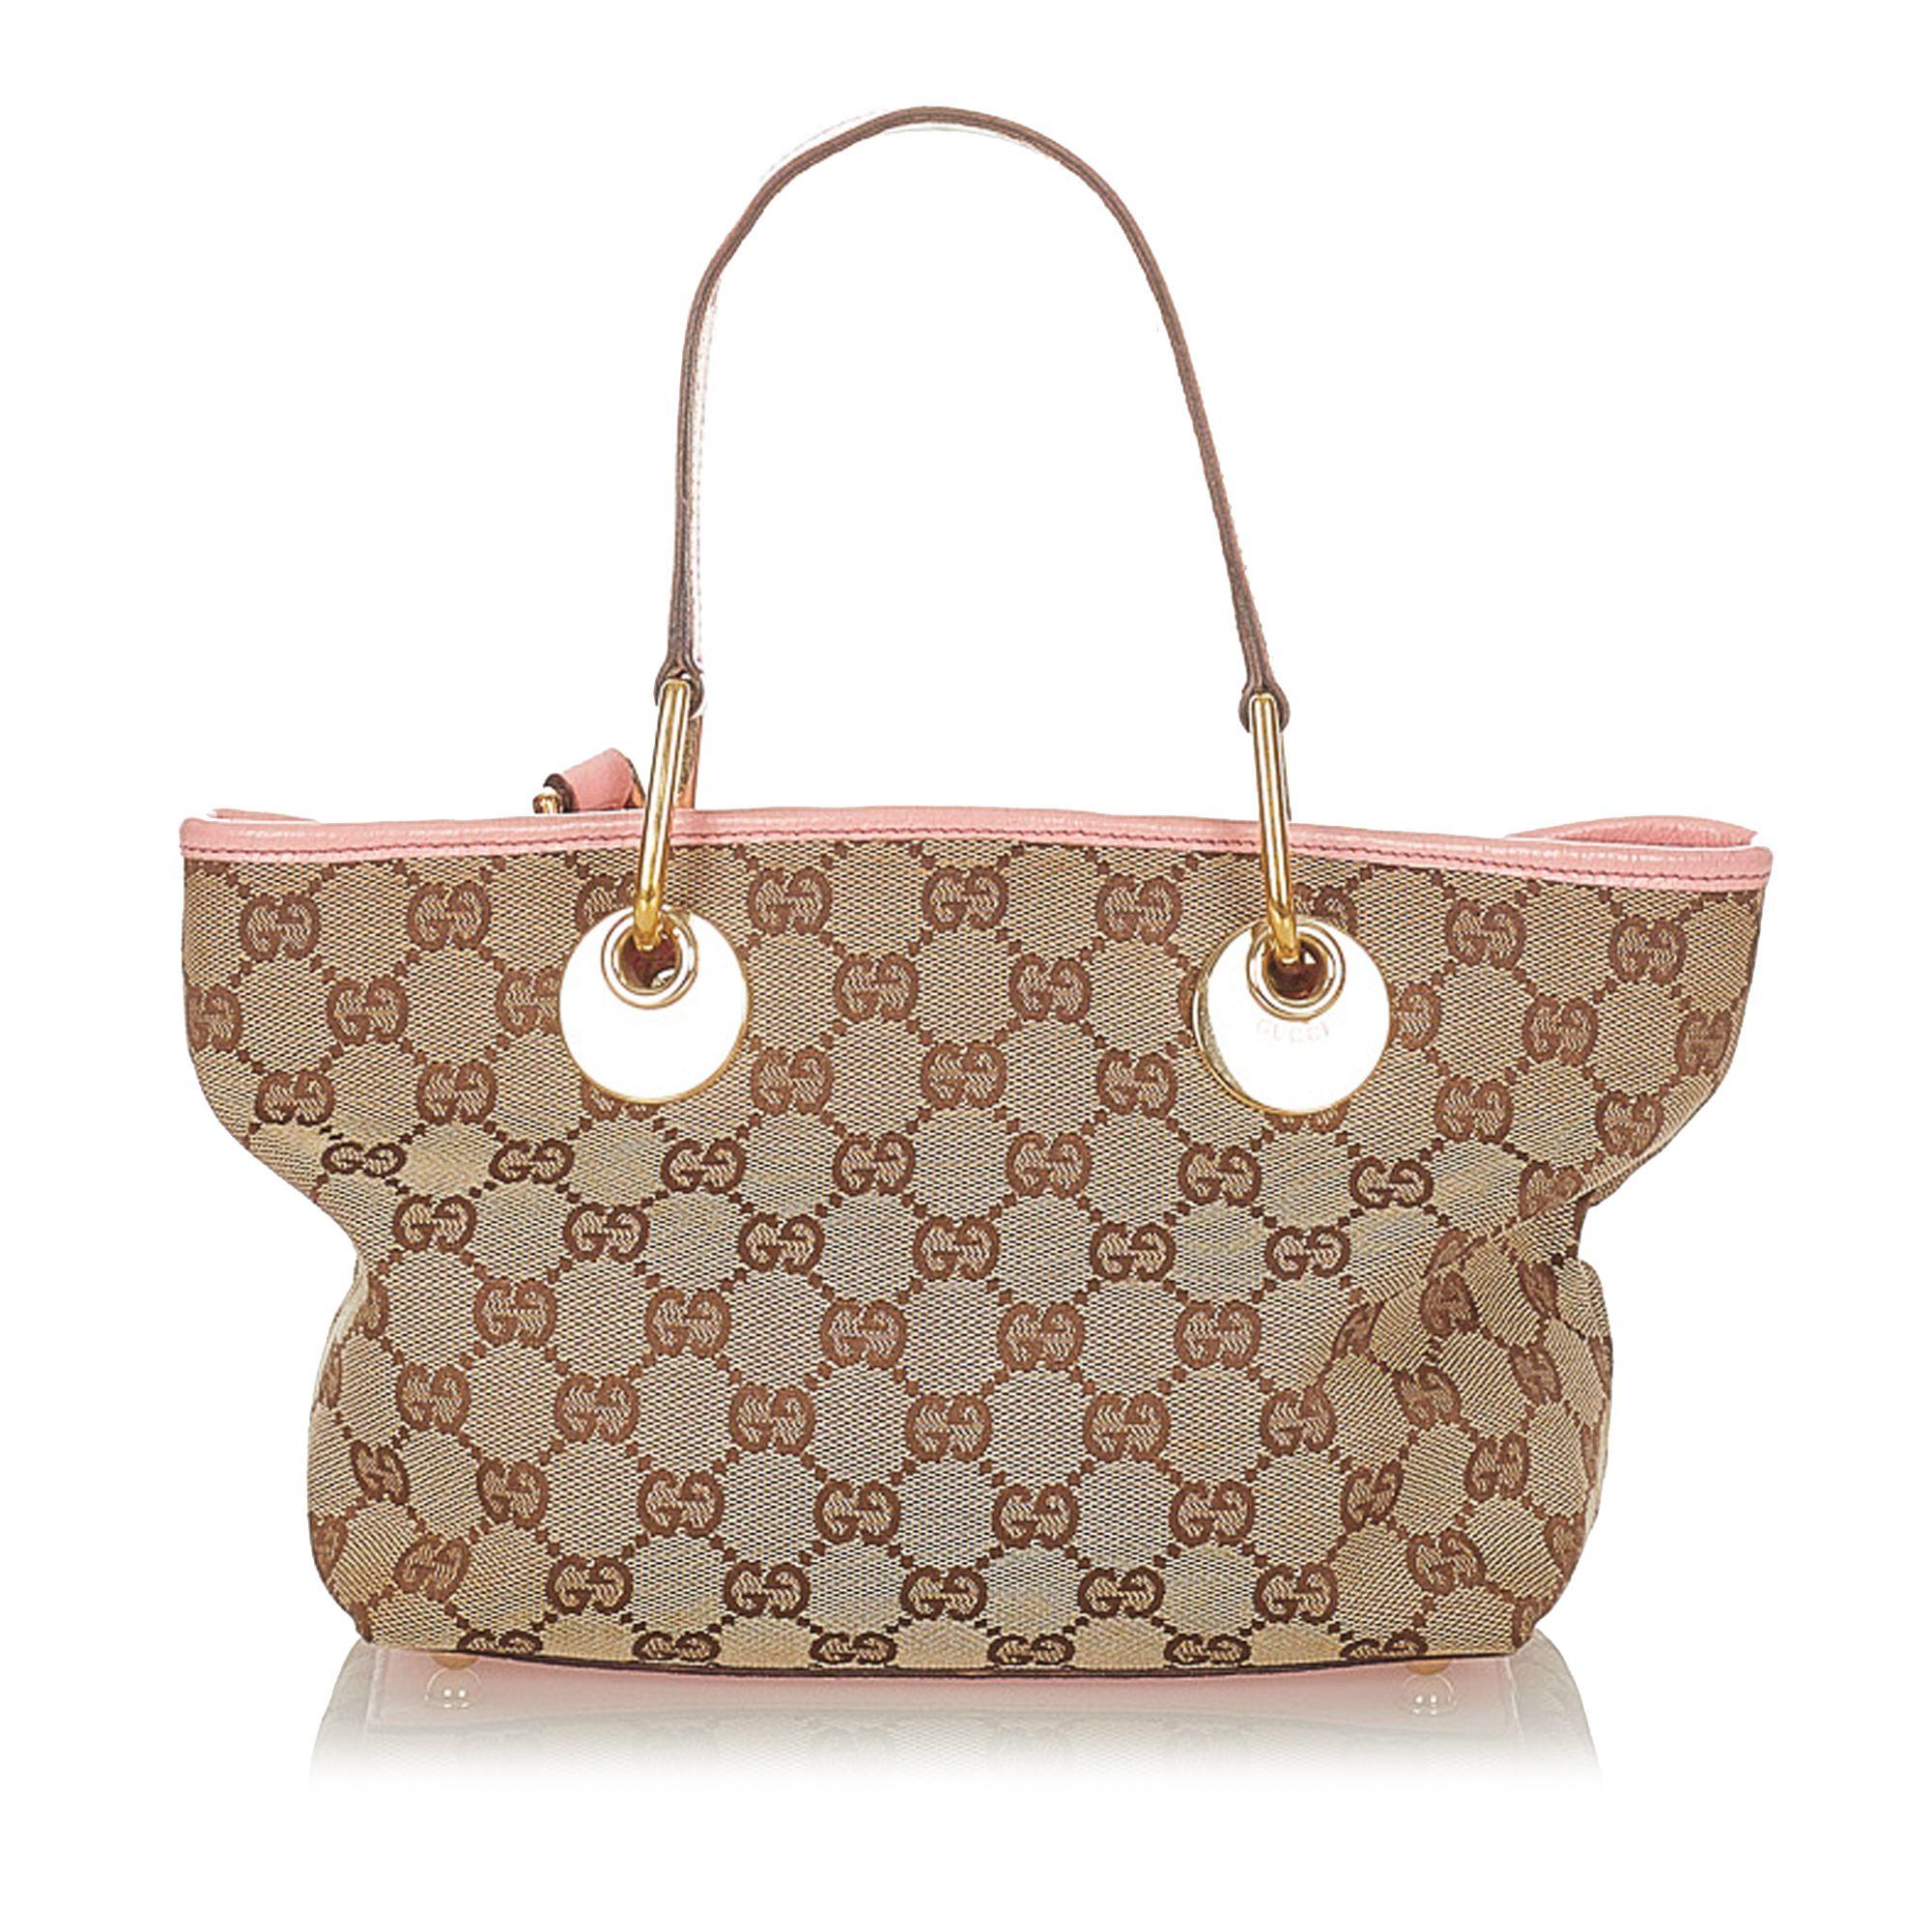 Vintage Gucci GG Canvas Eclipse Handbag Brown